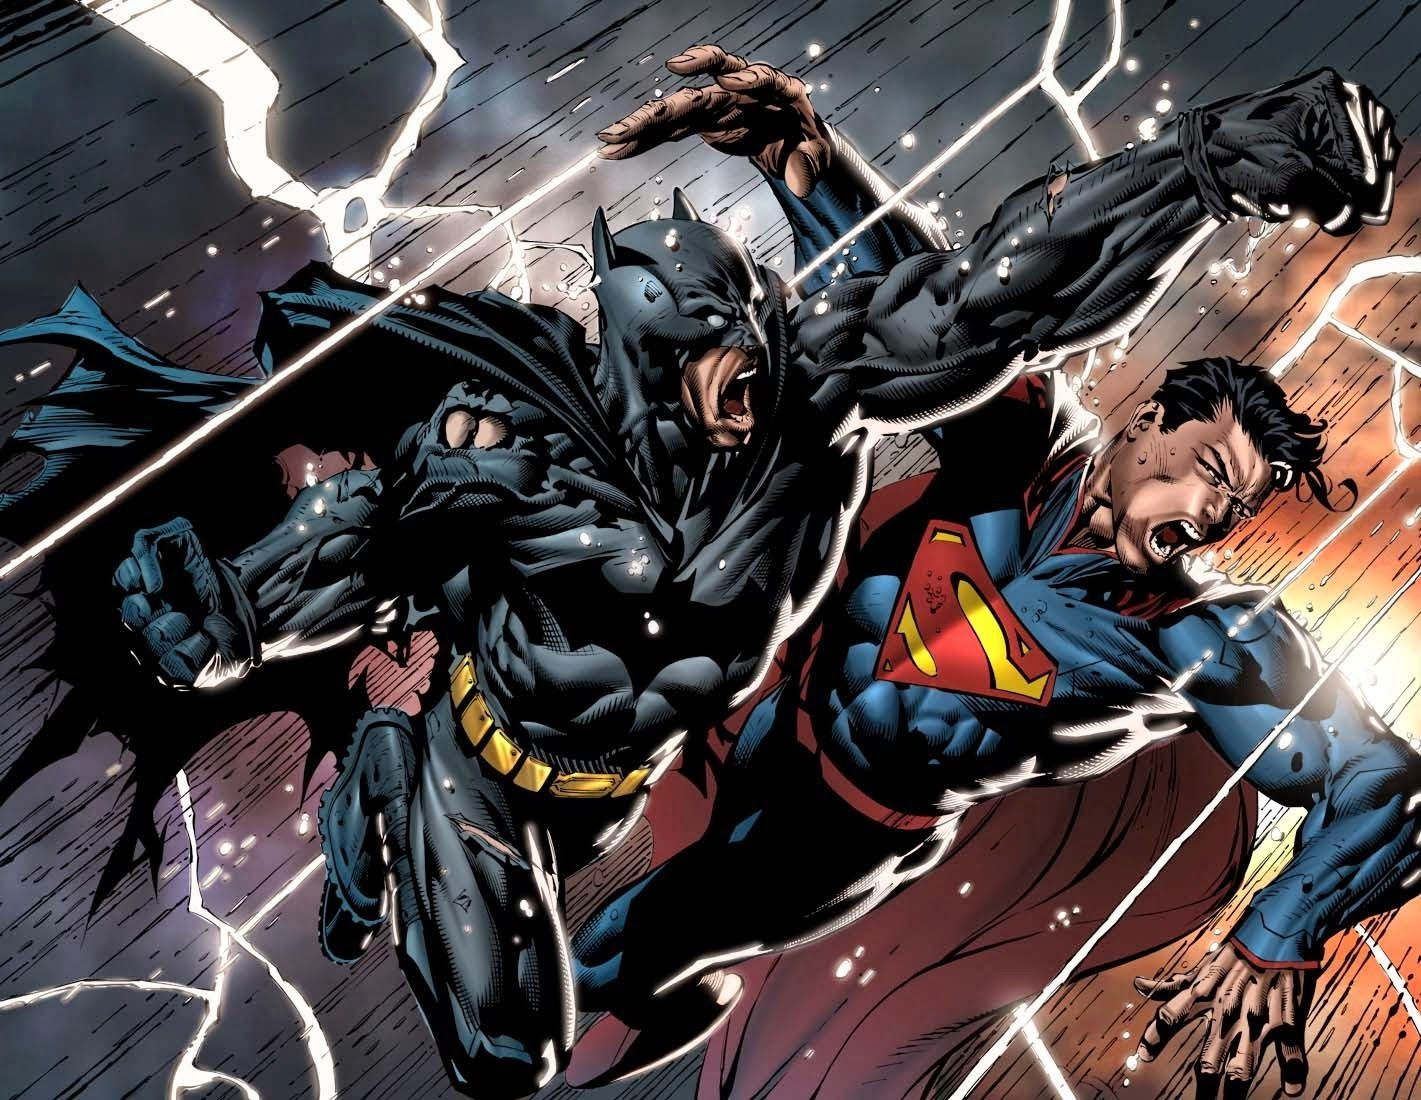 Mejores combates de Batman y Superman en los cómics - http://yosoyungamer.com/2016/03/mejores-combates-de-batman-y-superman-en-los-comics/